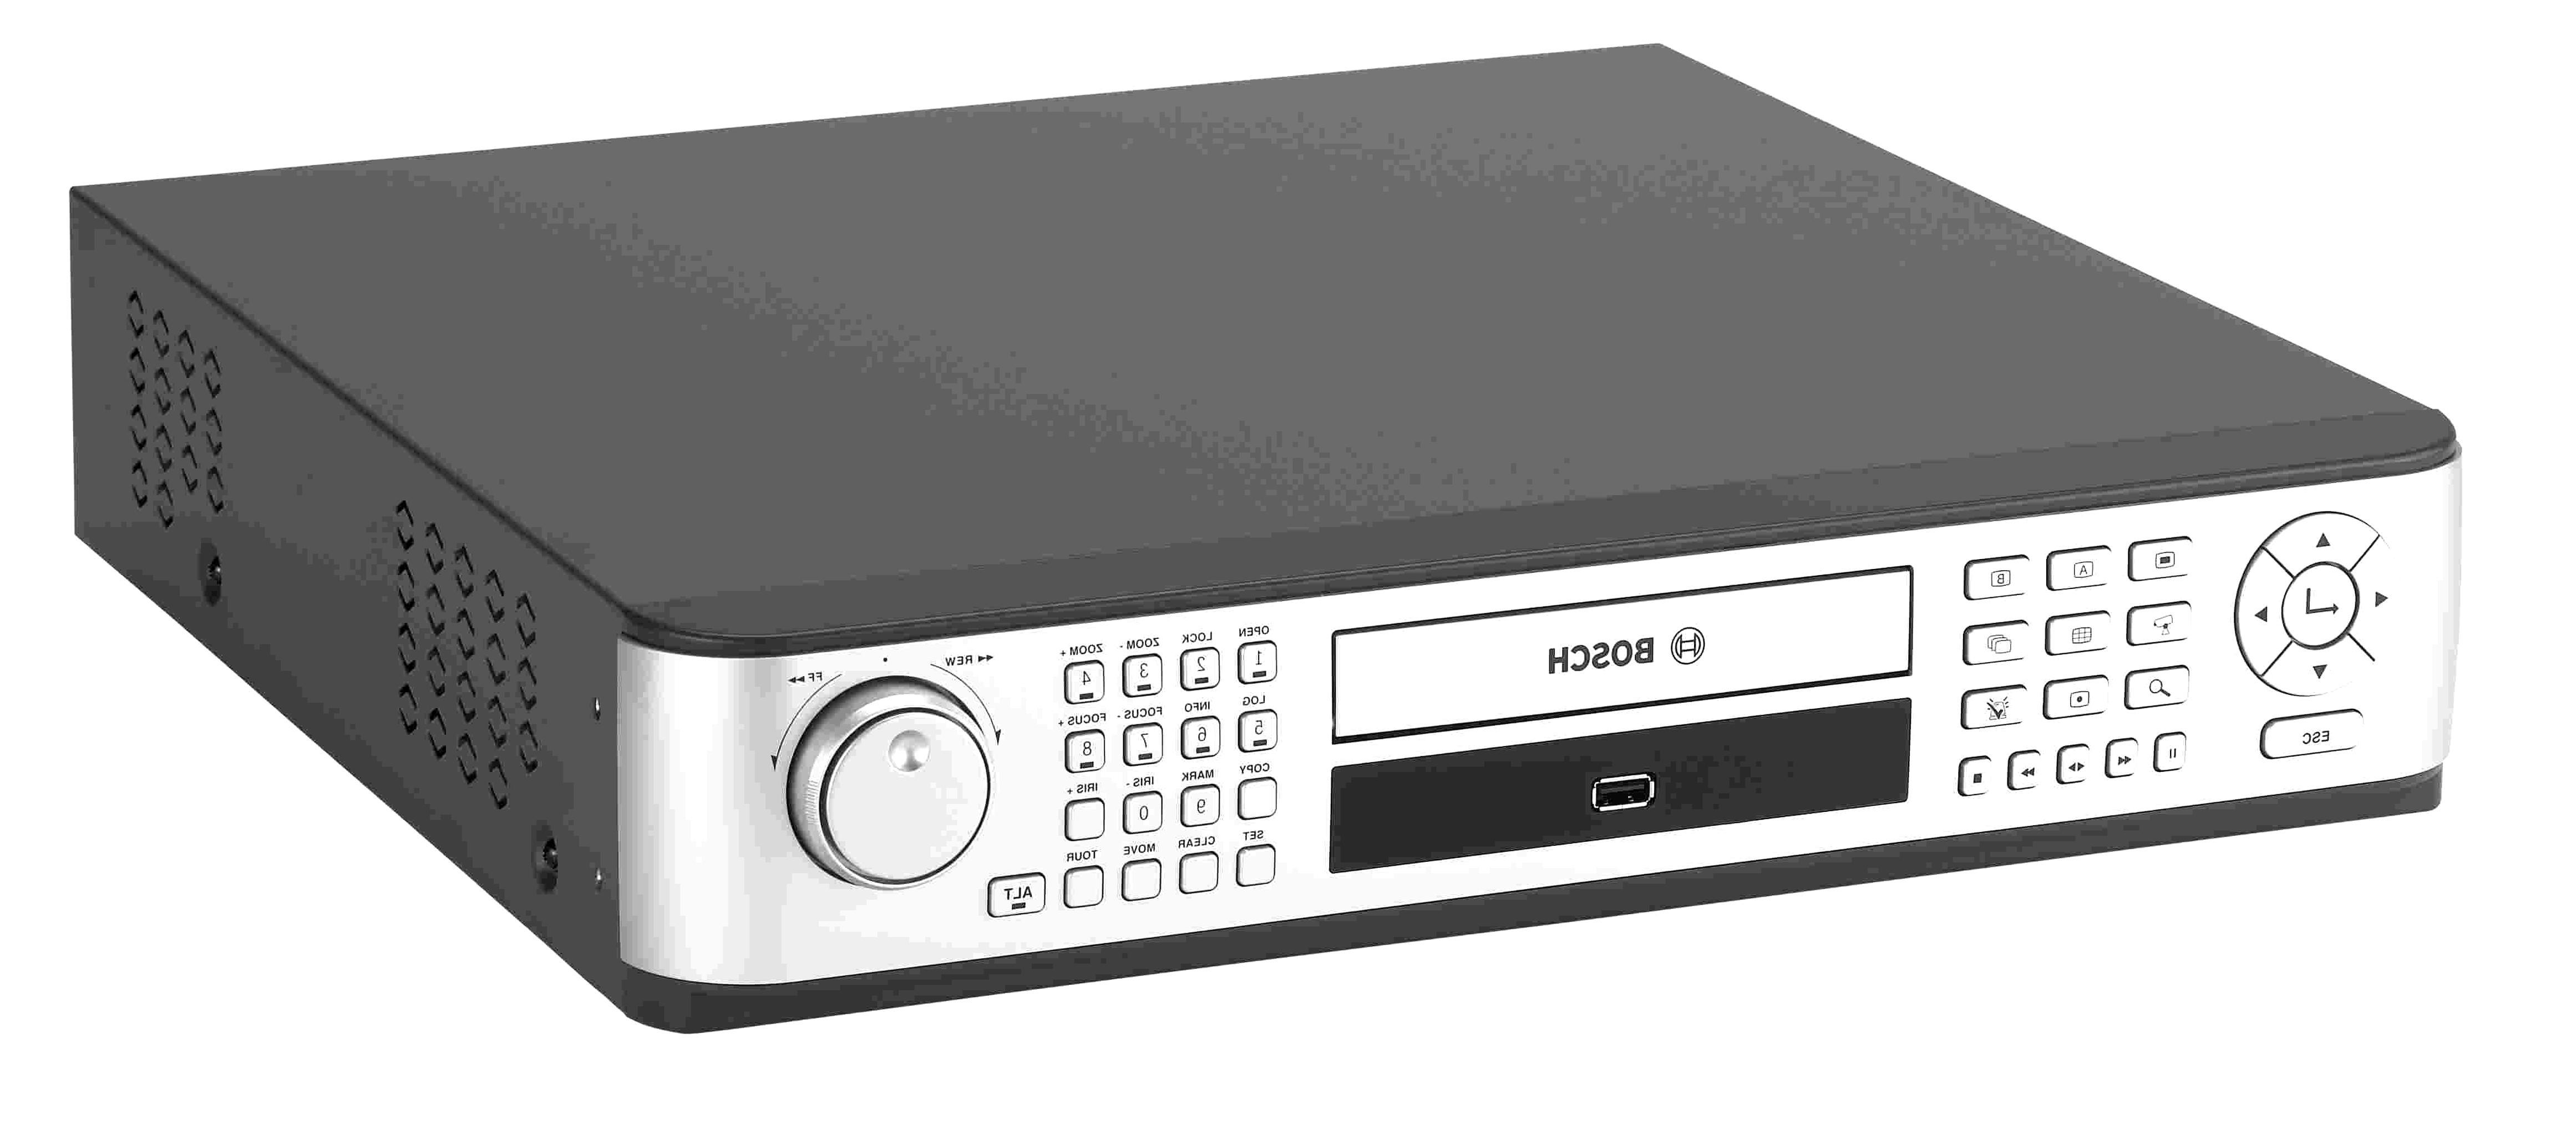 enregistreur numerique video d'occasion